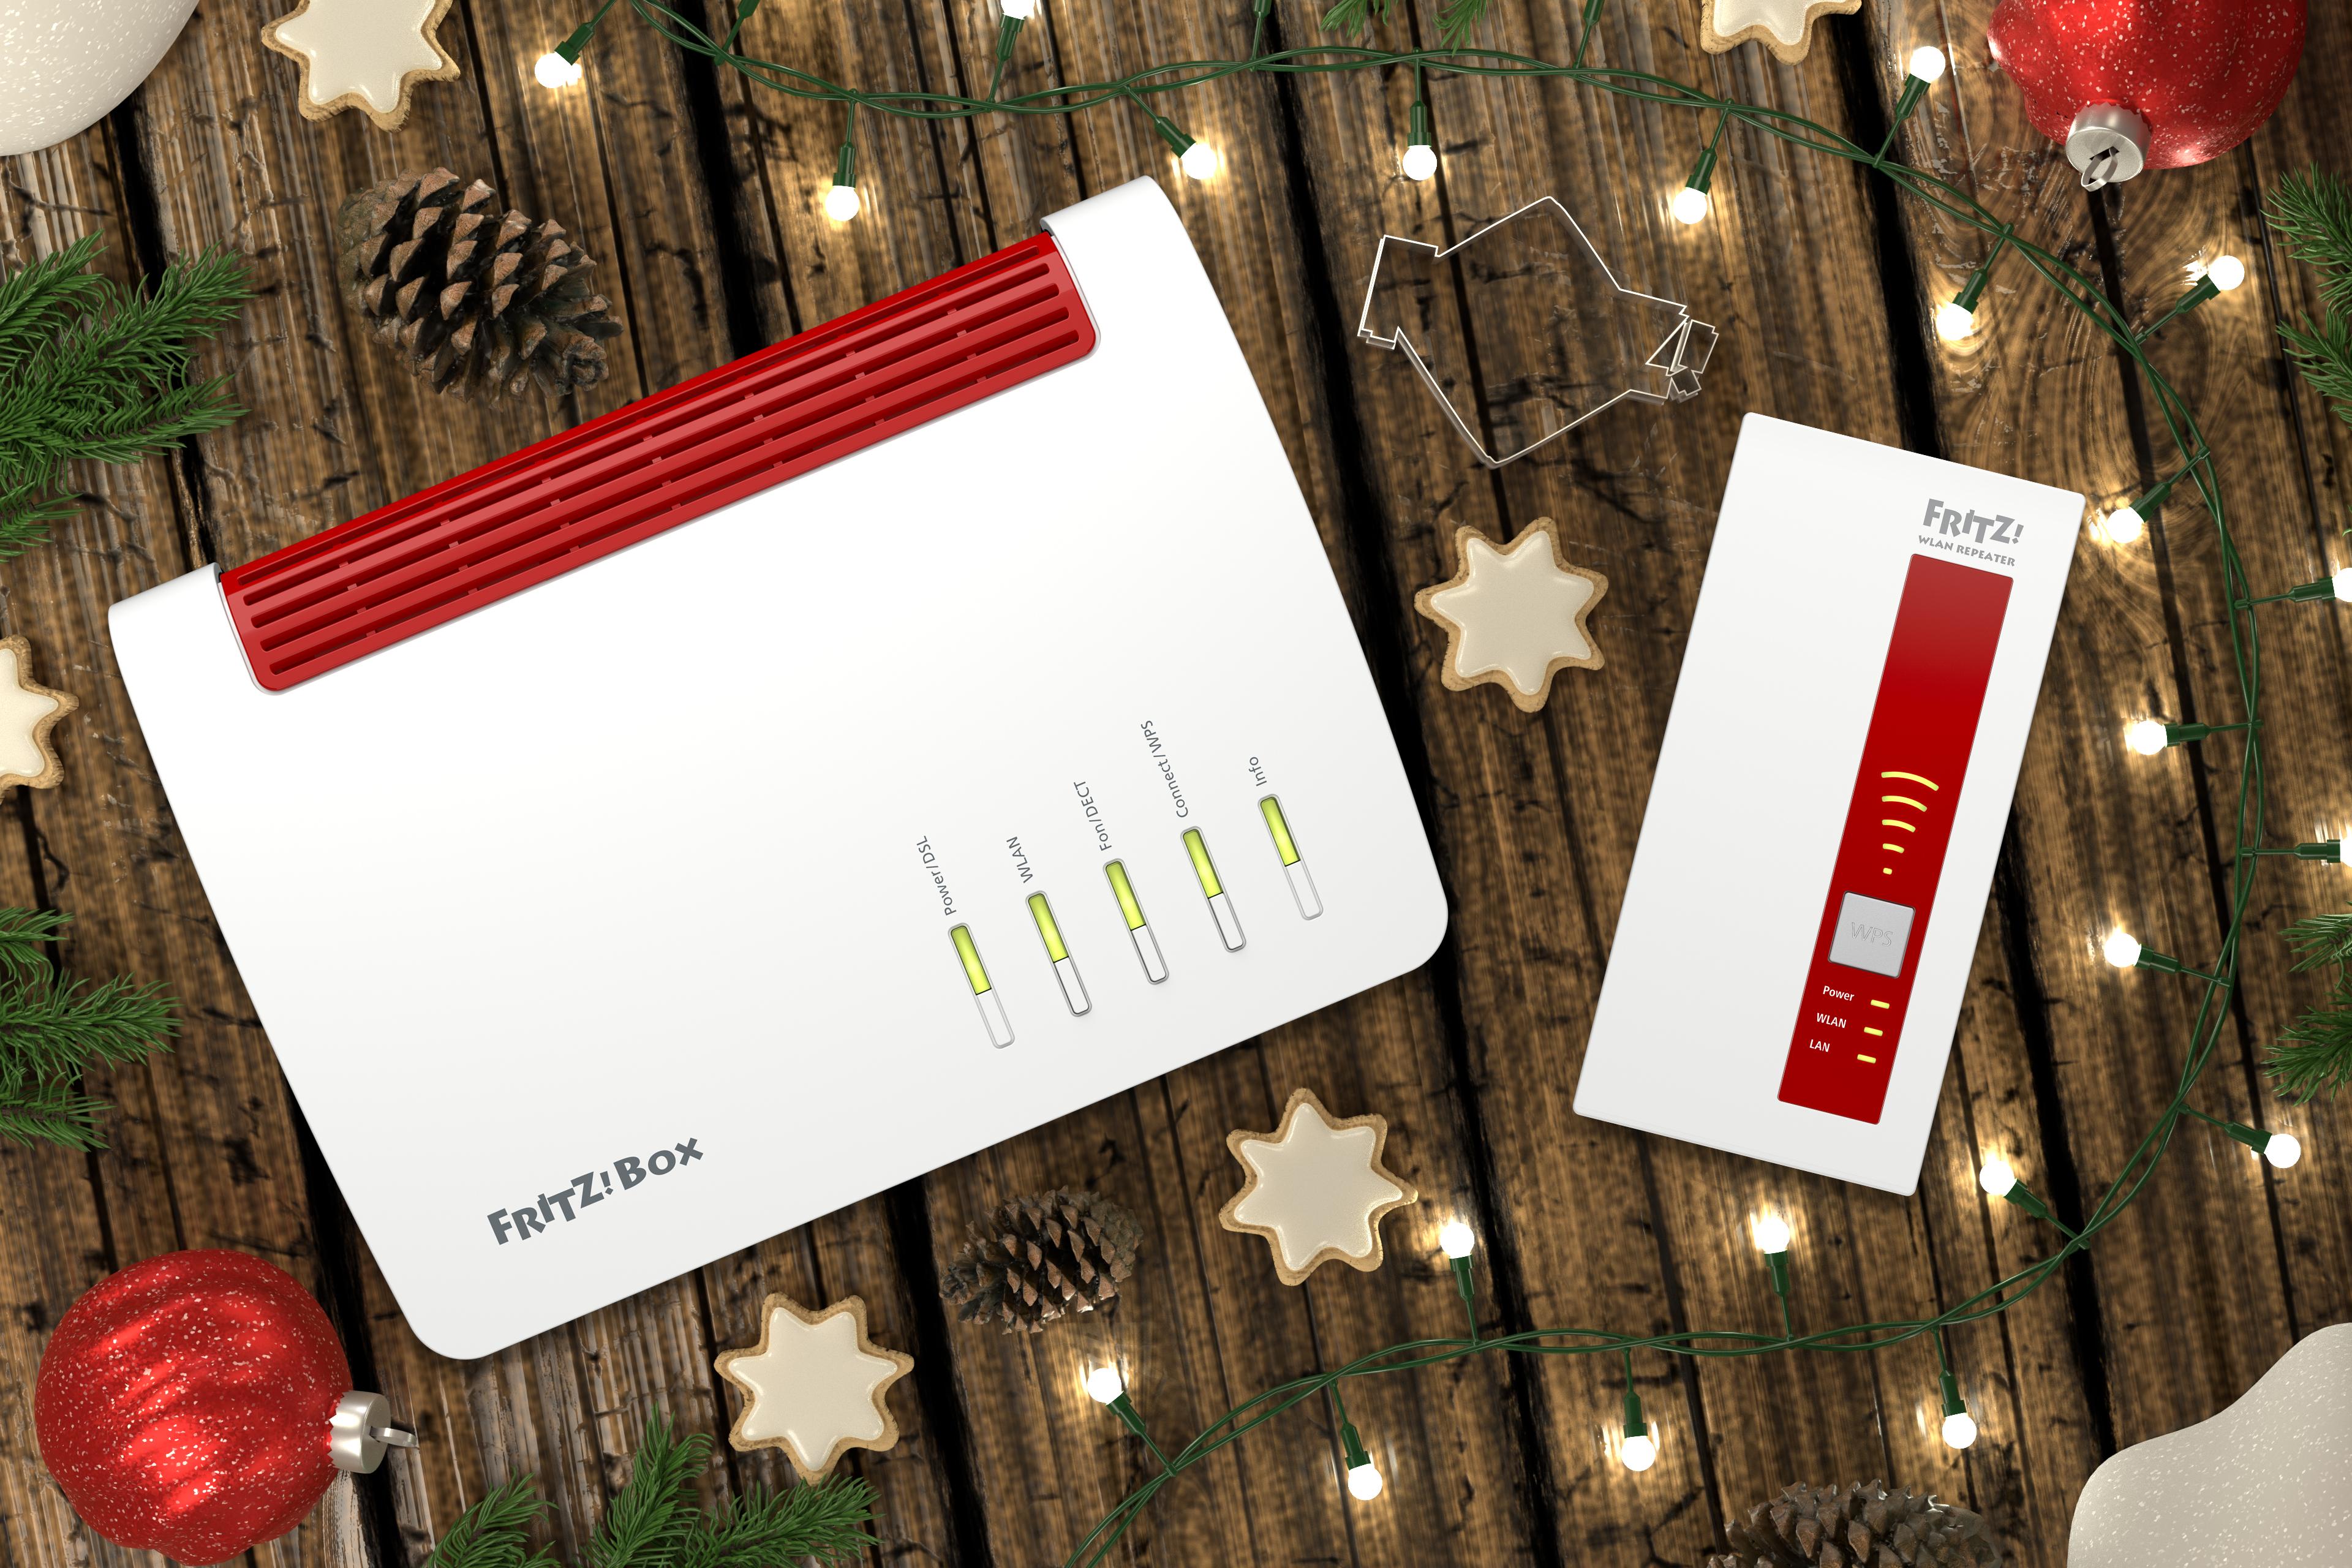 298734 avm weihnachten fritzbox fritzwlan repeater  6c288a original 1544530357